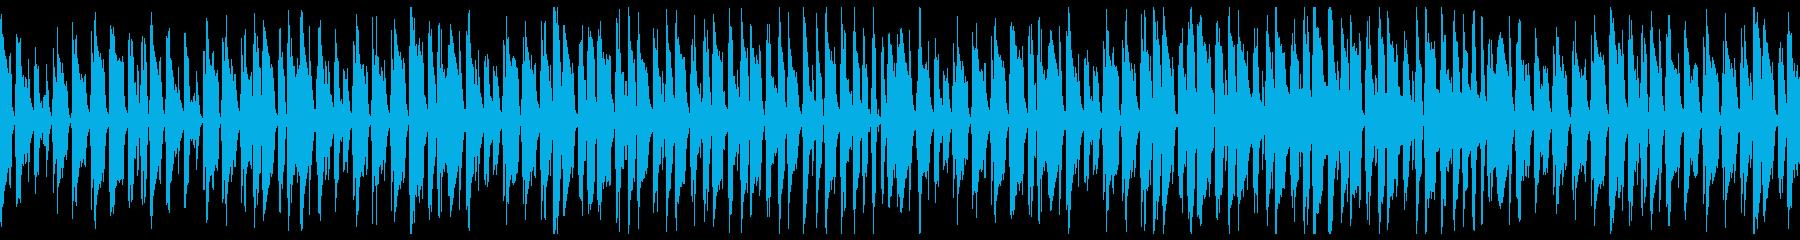 動画に使えるループBGMです。の再生済みの波形